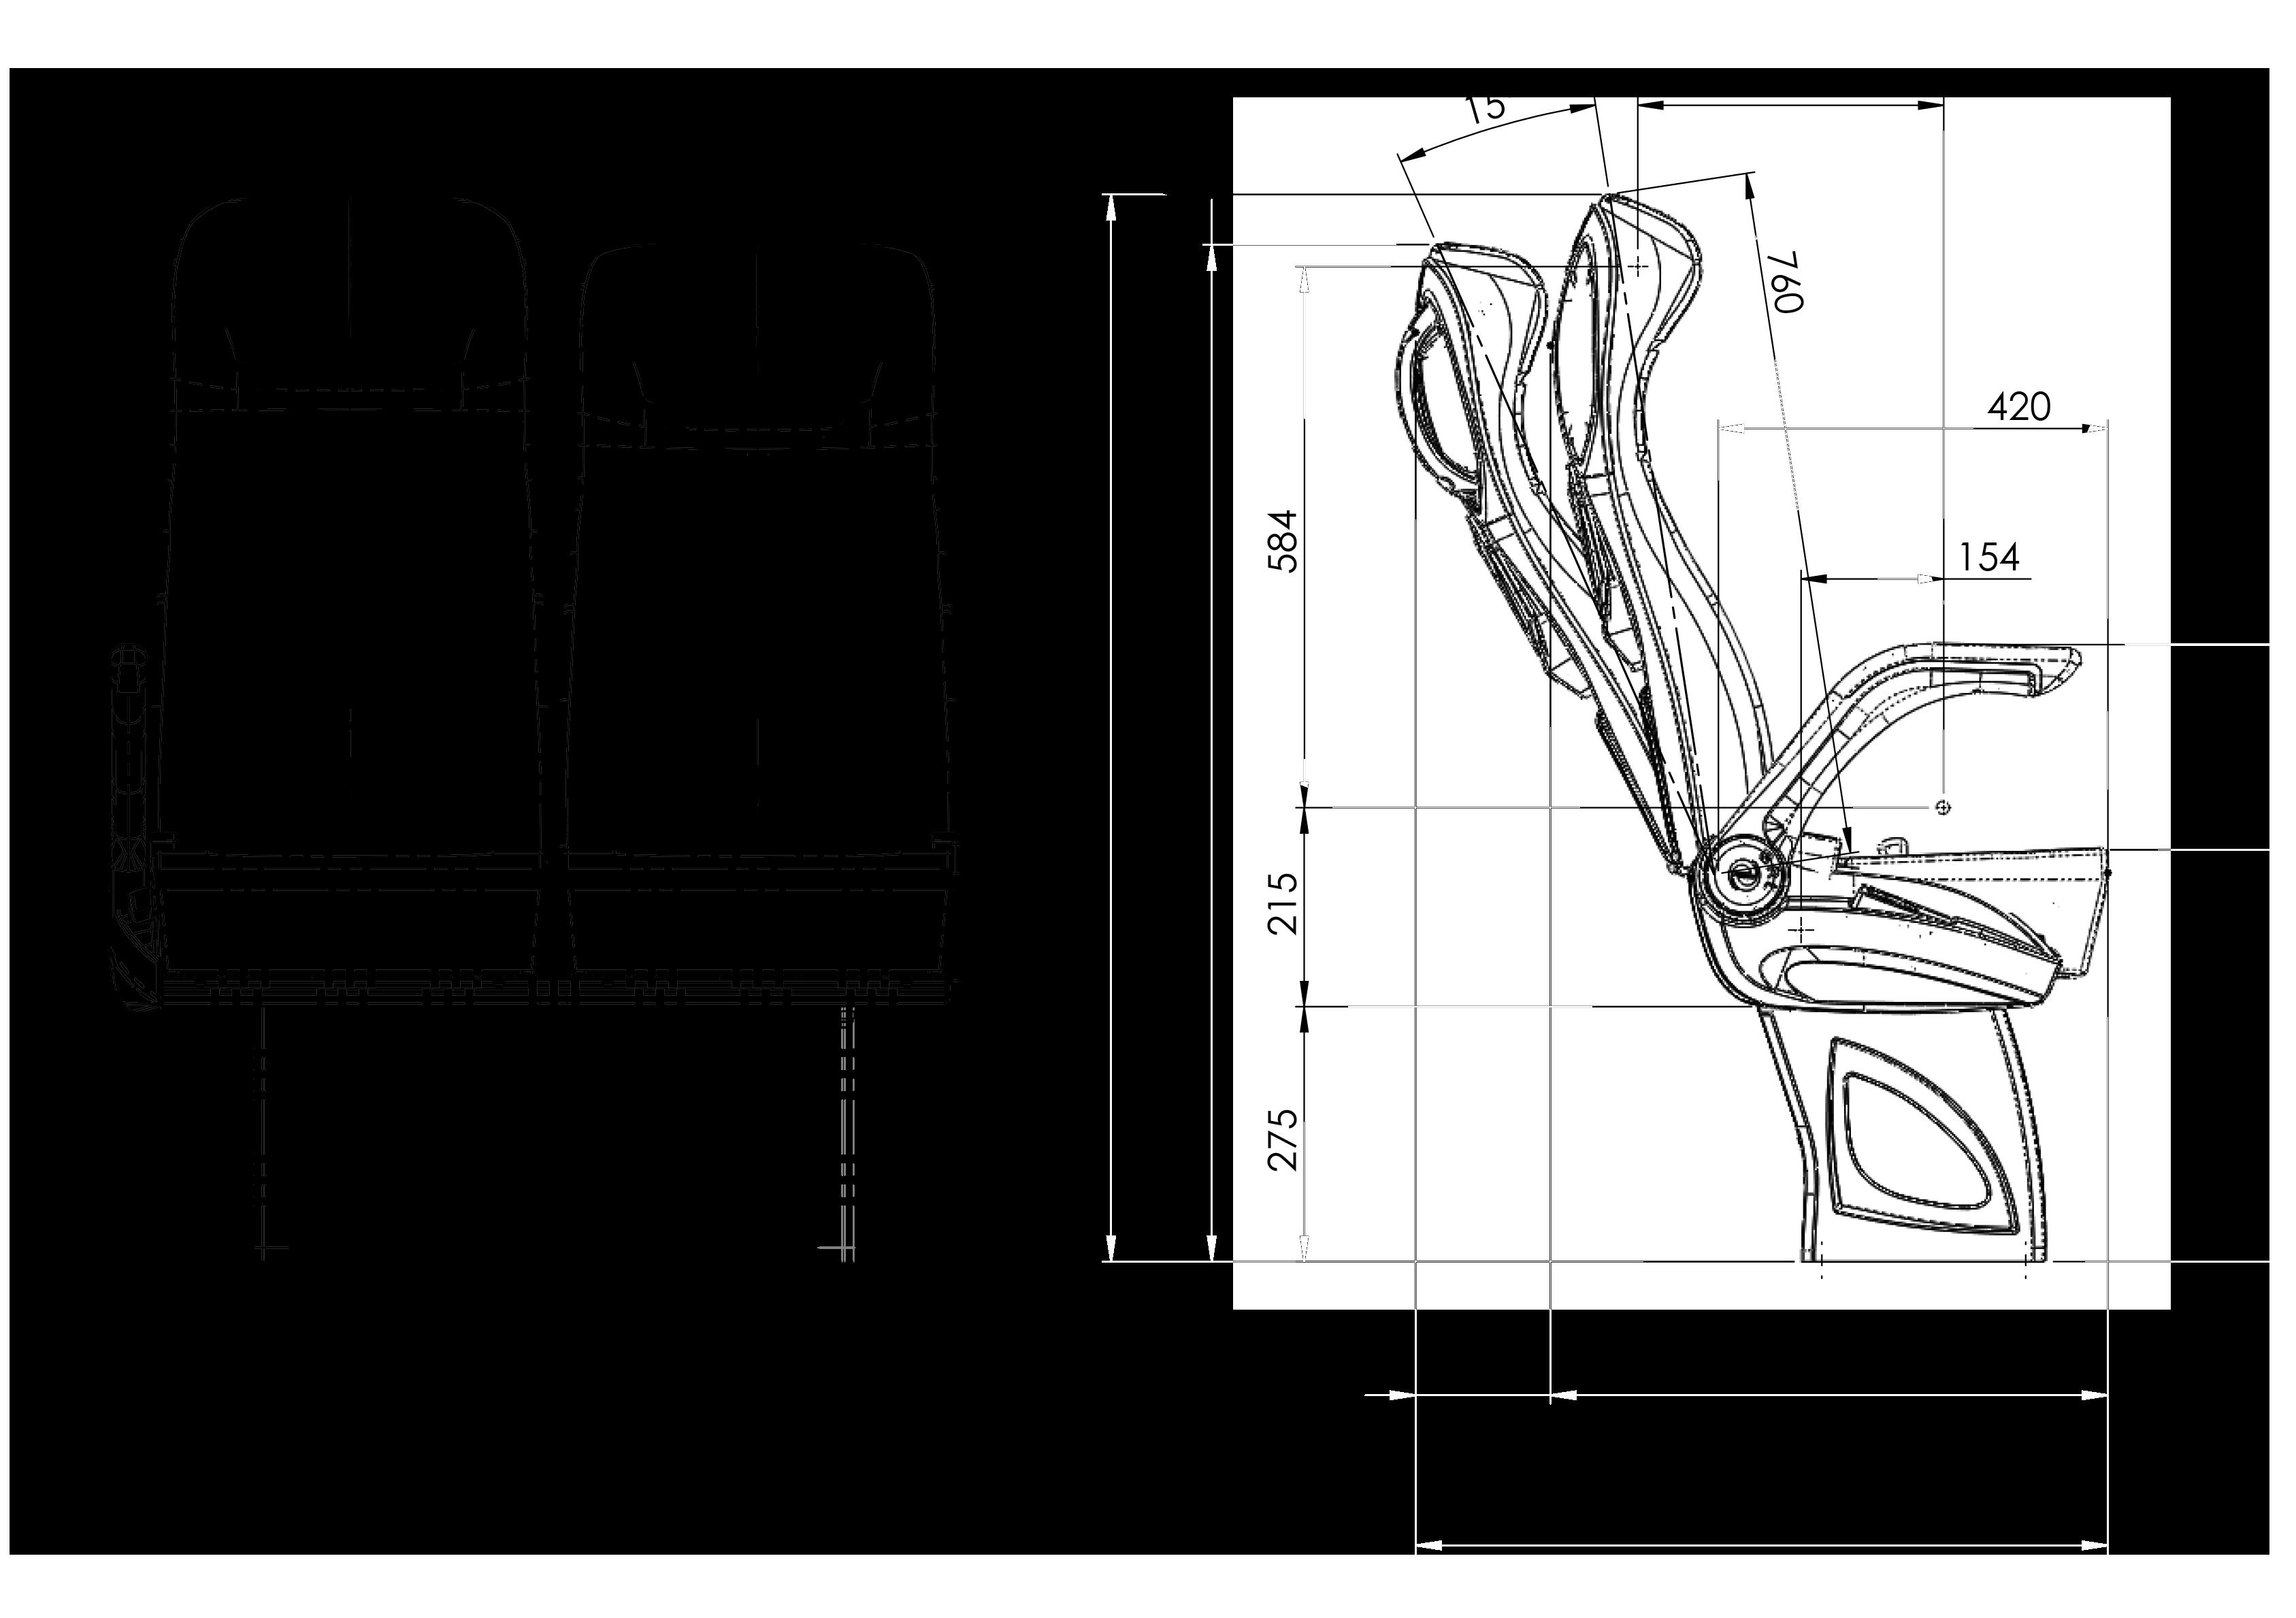 GS 501 teknik çizimi